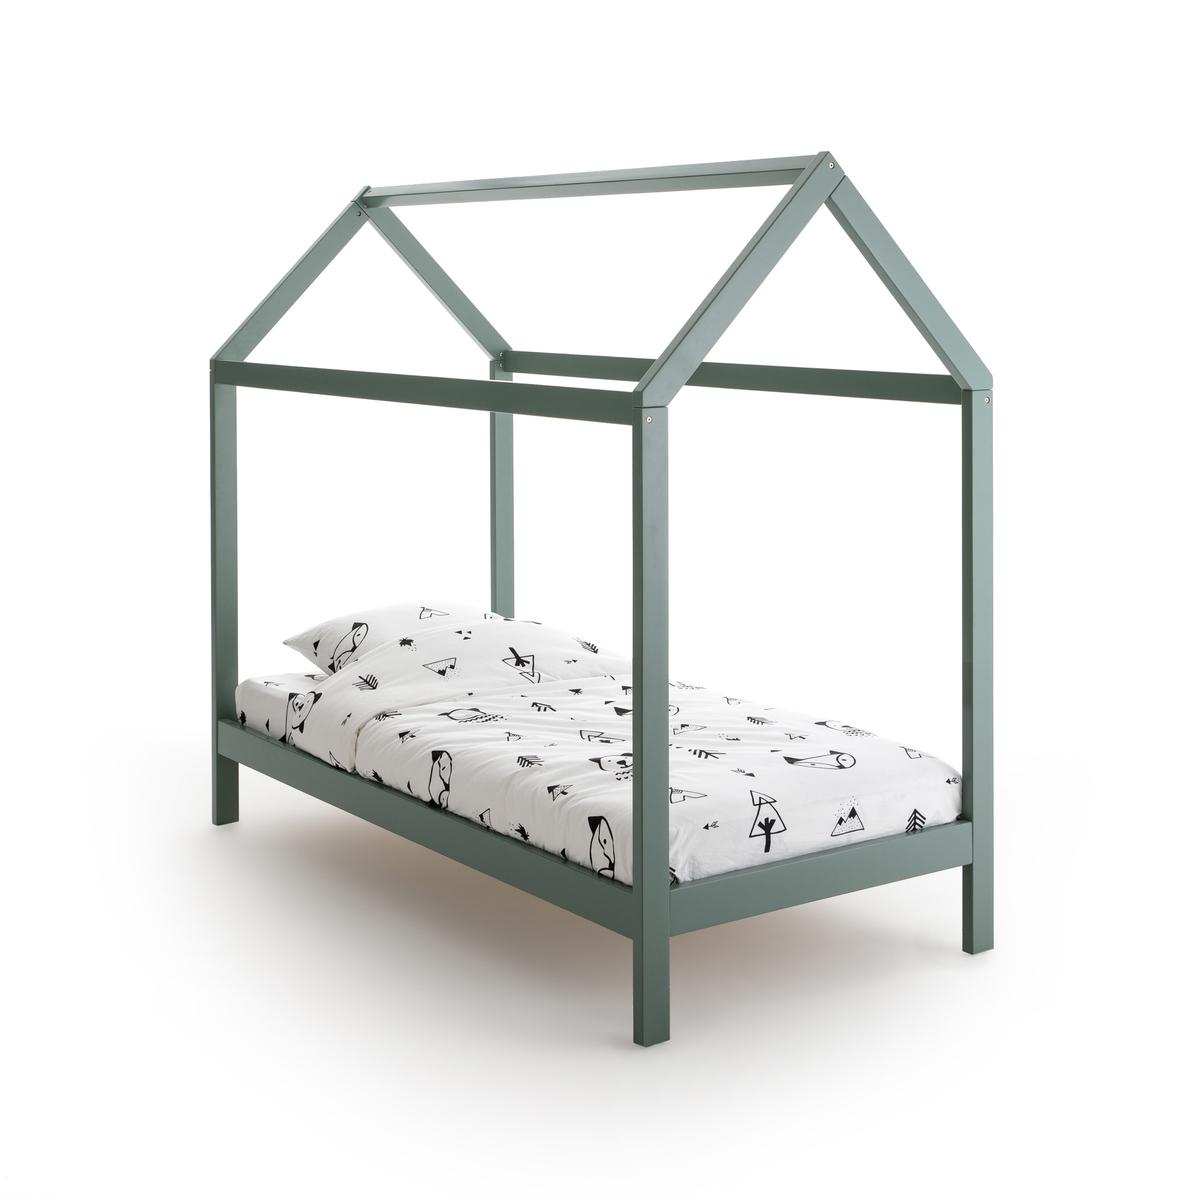 Кровать-шатер LaRedoute Из массива сосны Archi 90 x 190 см зеленый кровать laredoute с ящиком отделениями для вещей и кроватным основанием yann 90 x 190 см белый